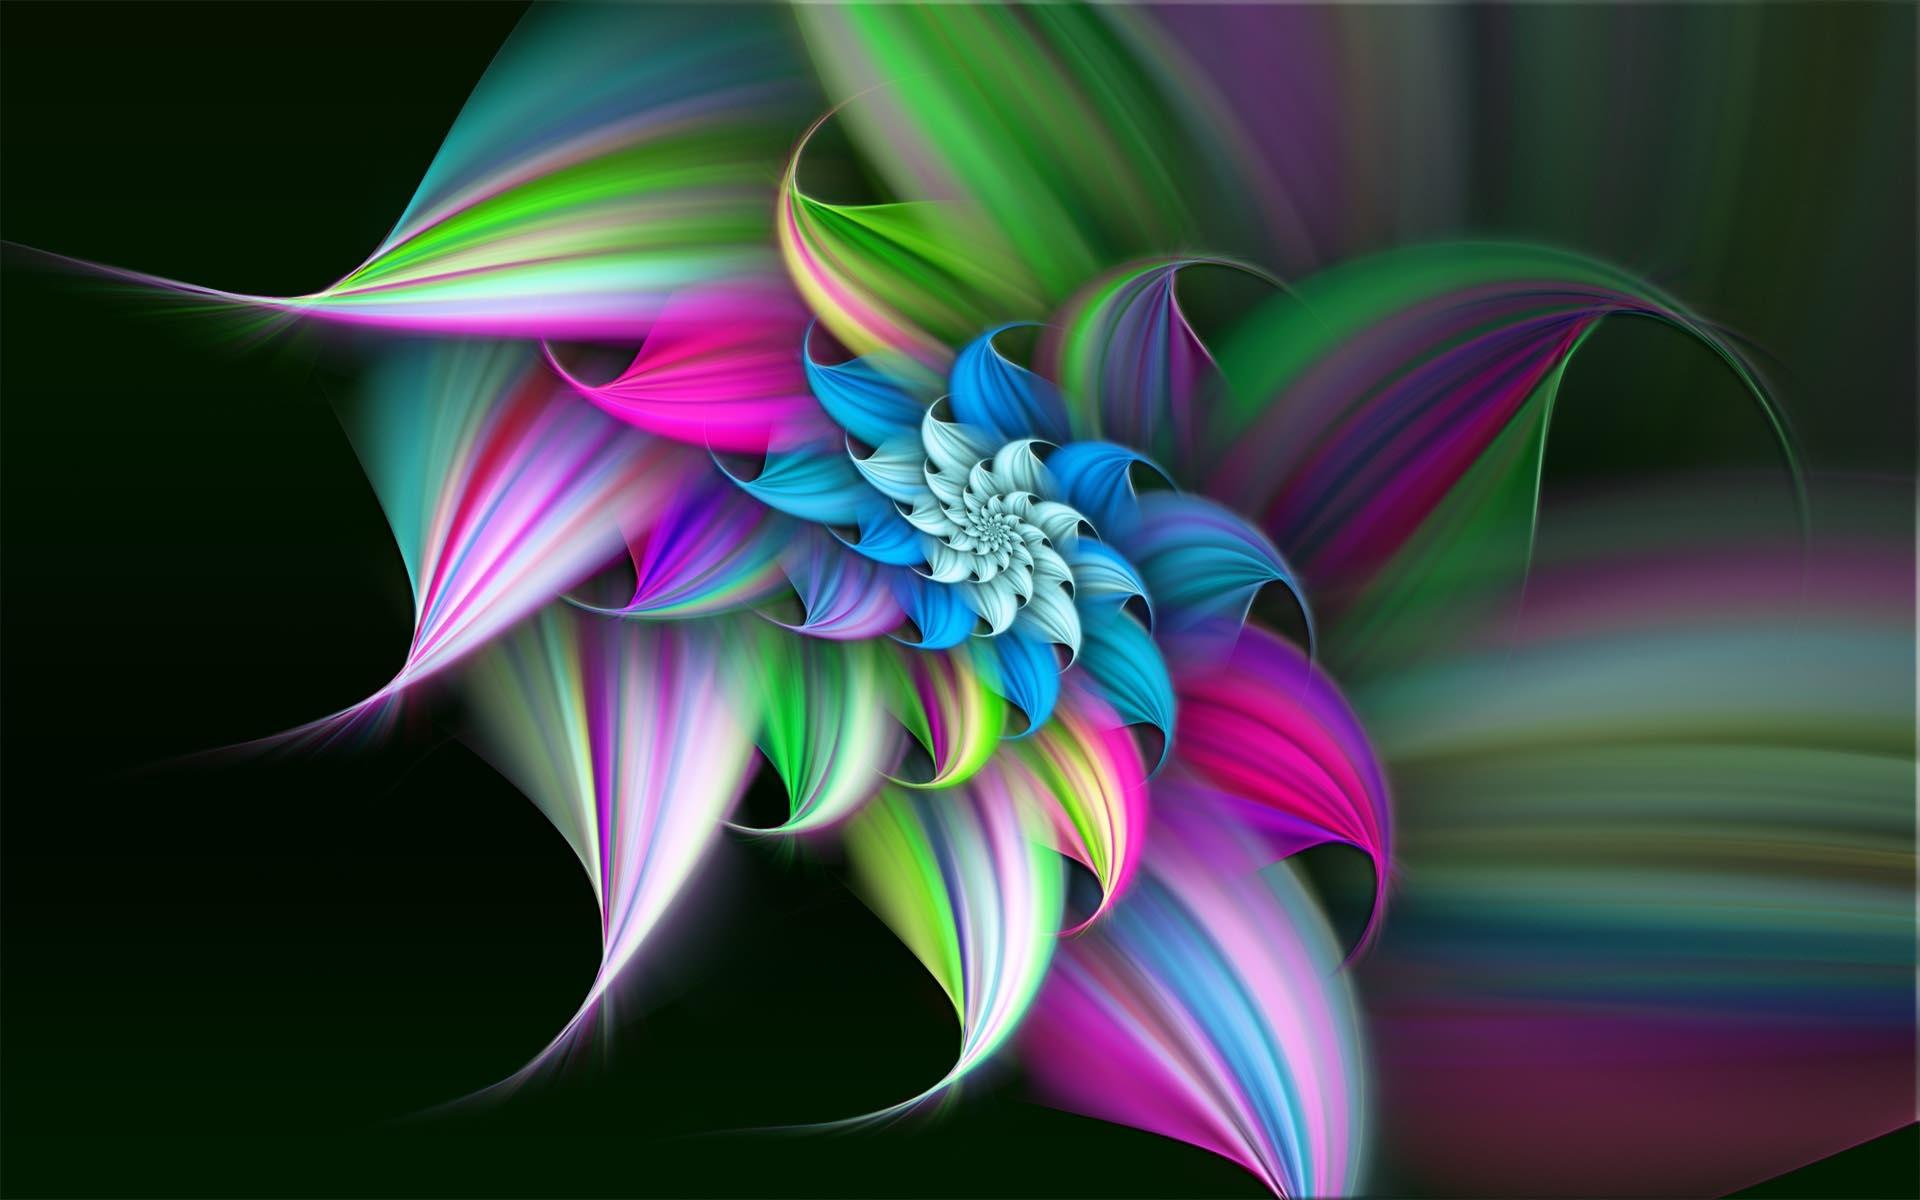 3D Flower 1920x1200